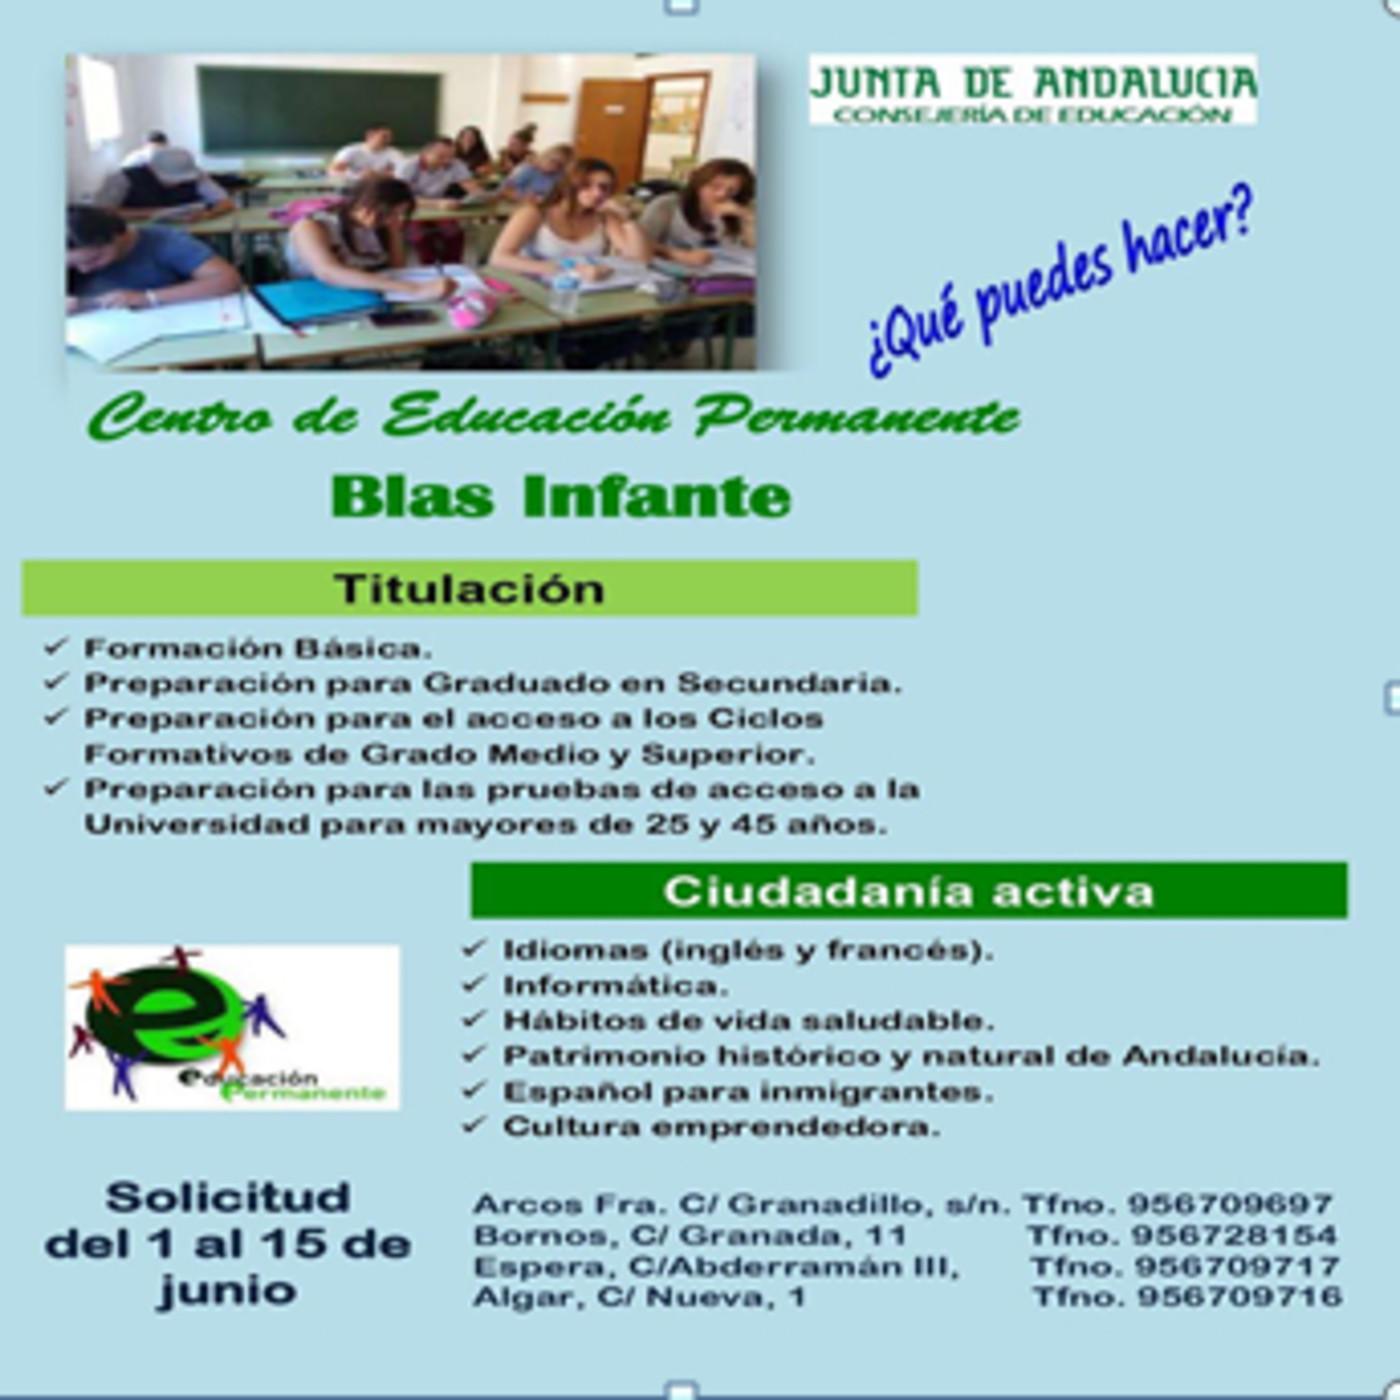 Cursos Formativos Del Centro De Educación Permanente Blas